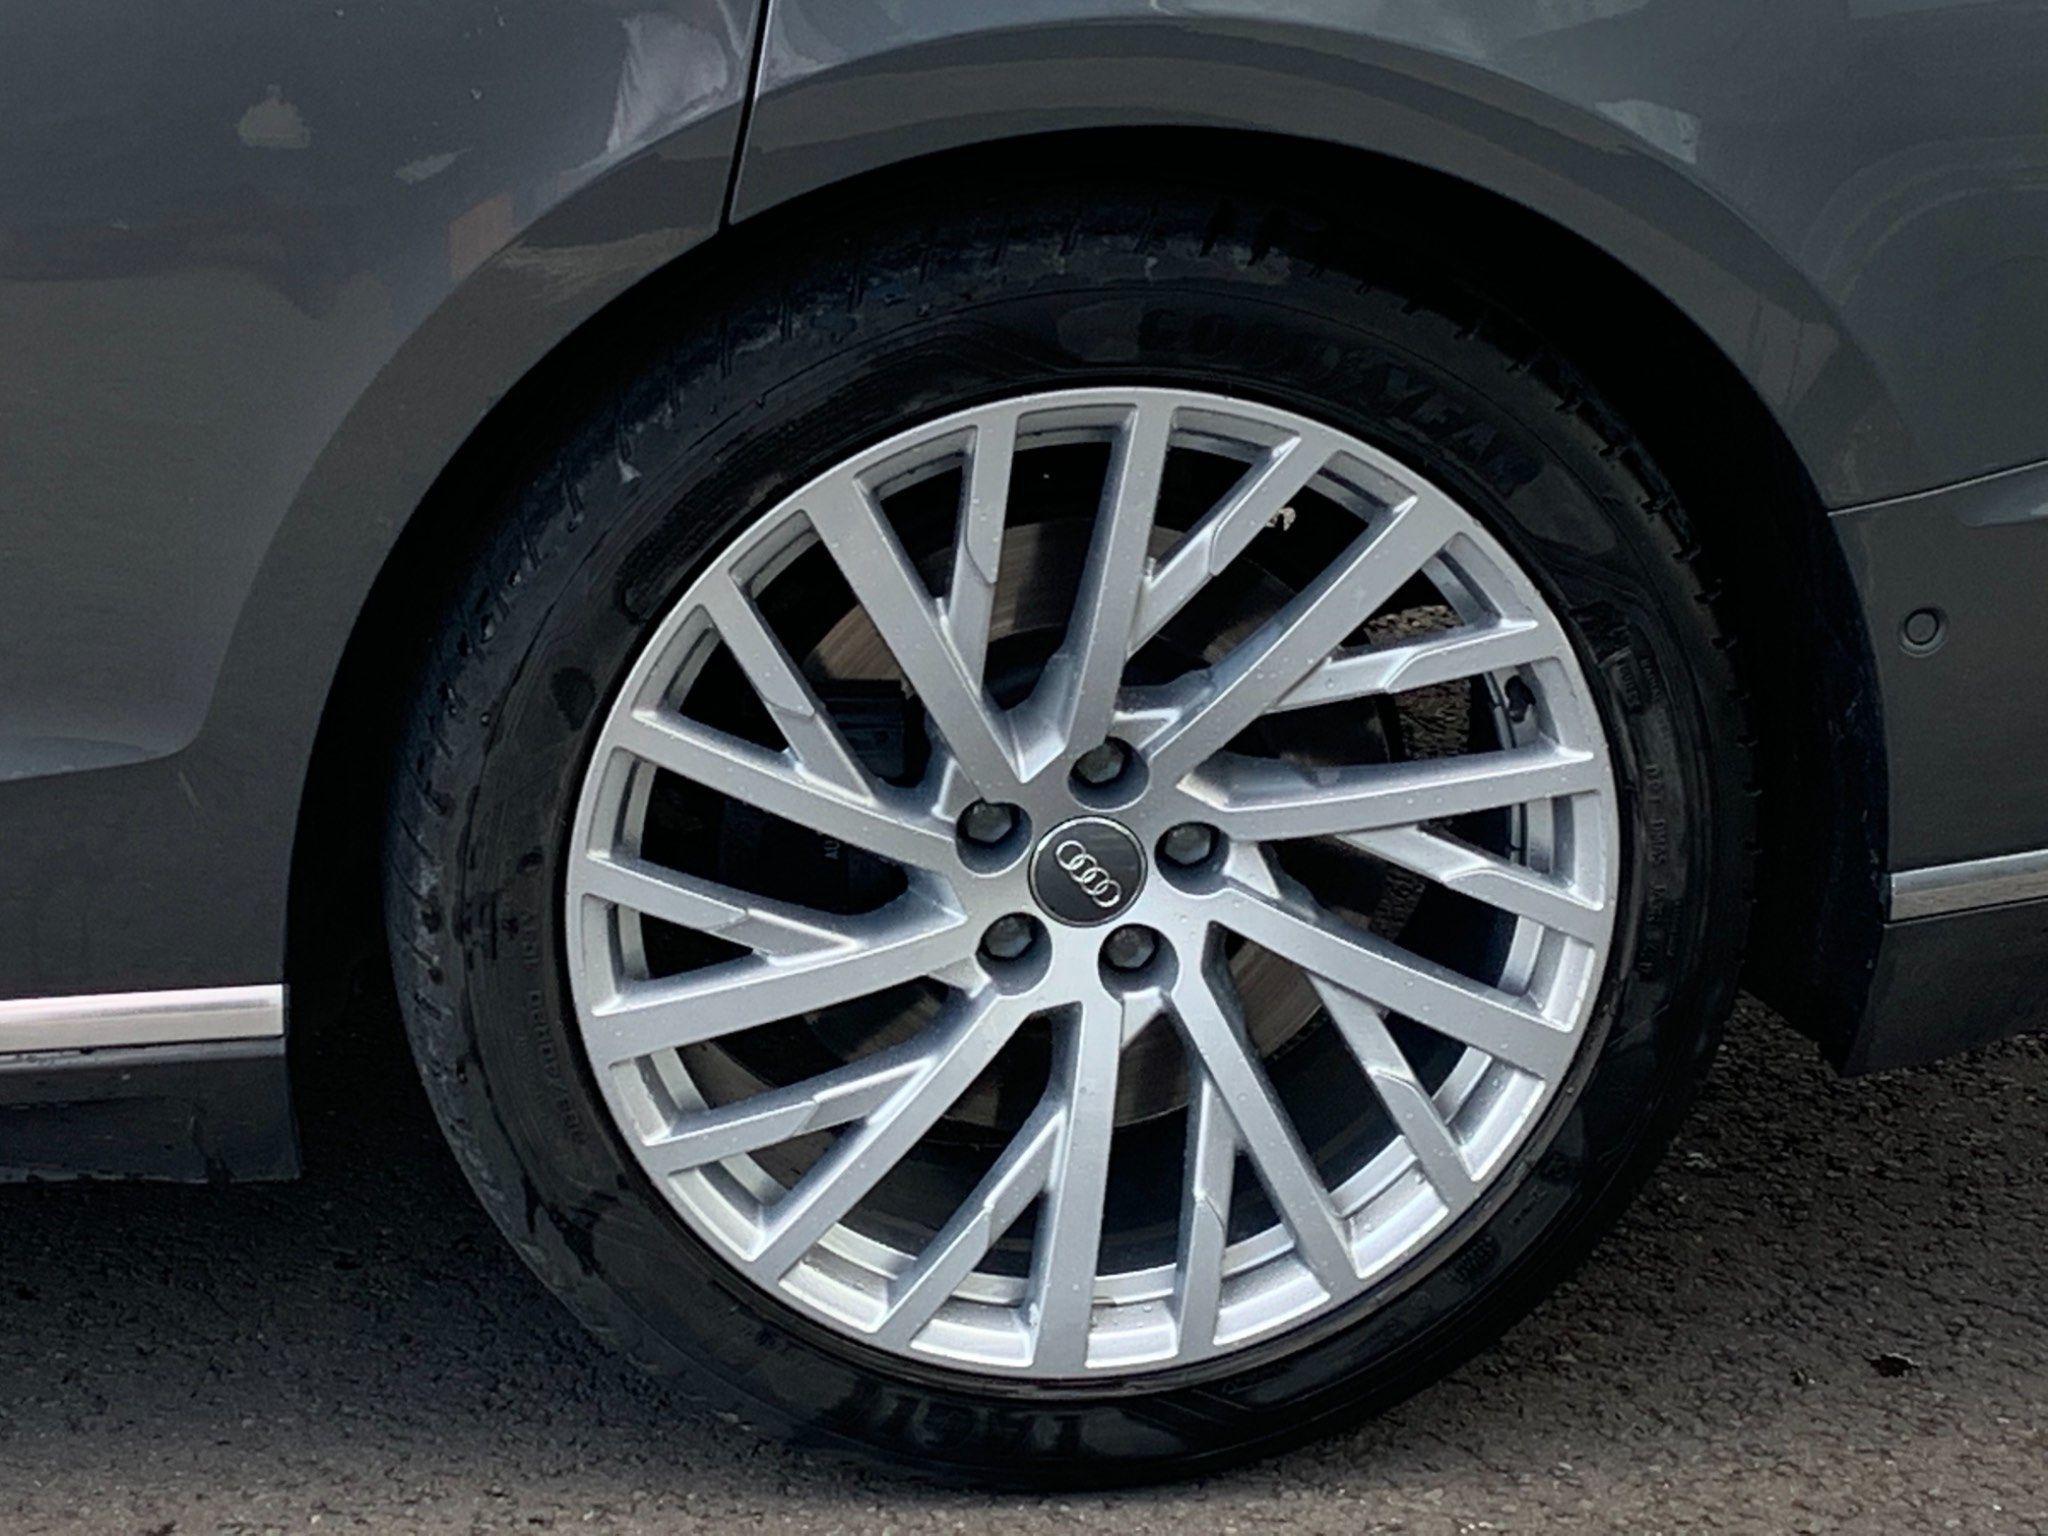 Audi A8 Images